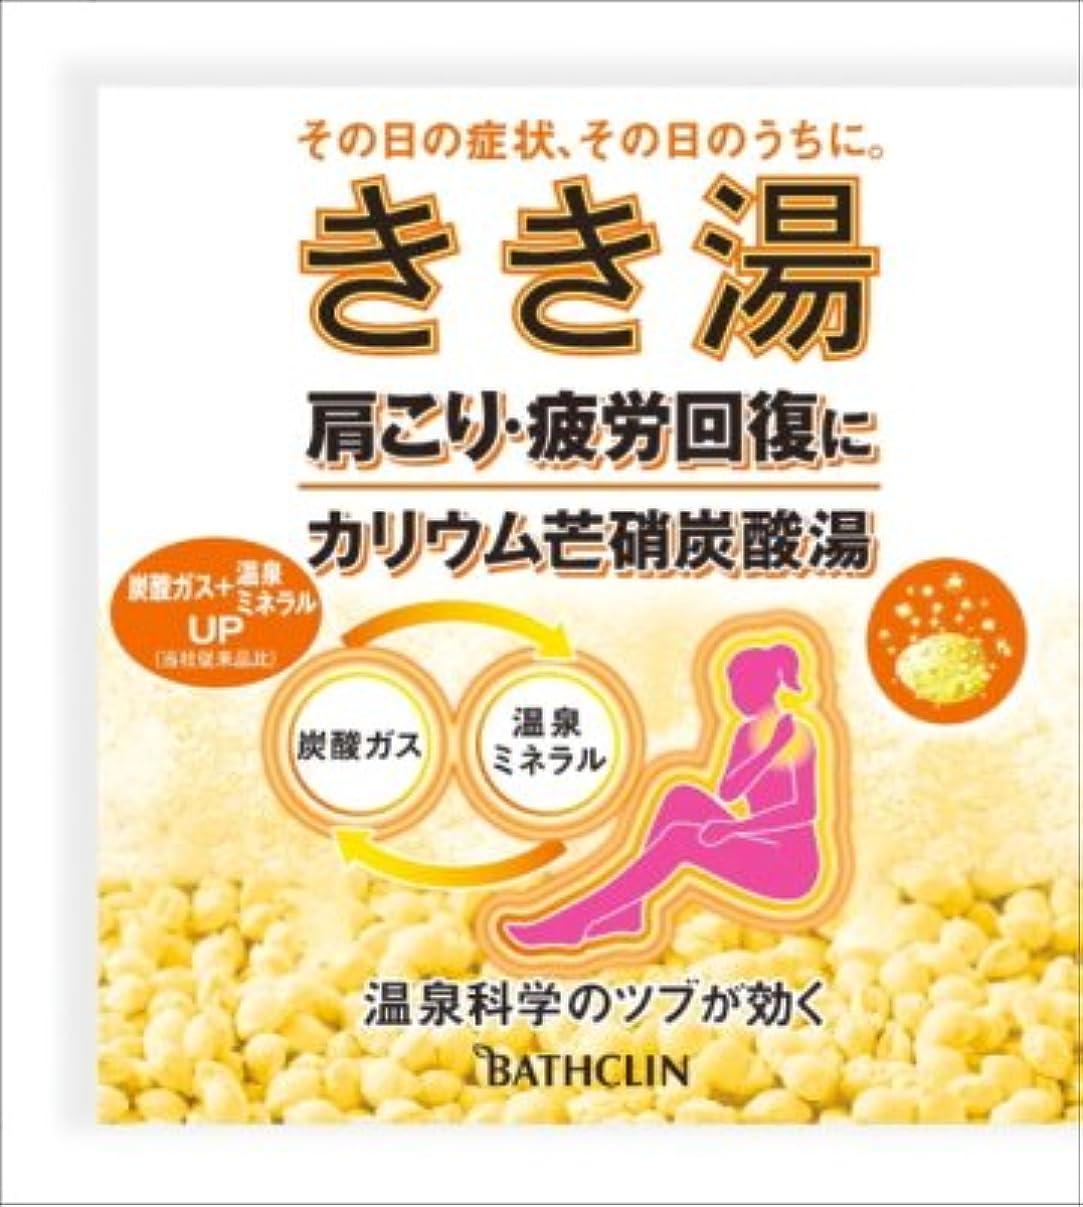 壊滅的なすぐに耳バスクリン きき湯 カリウム芒硝炭酸湯 30g(入浴剤)×120個セット